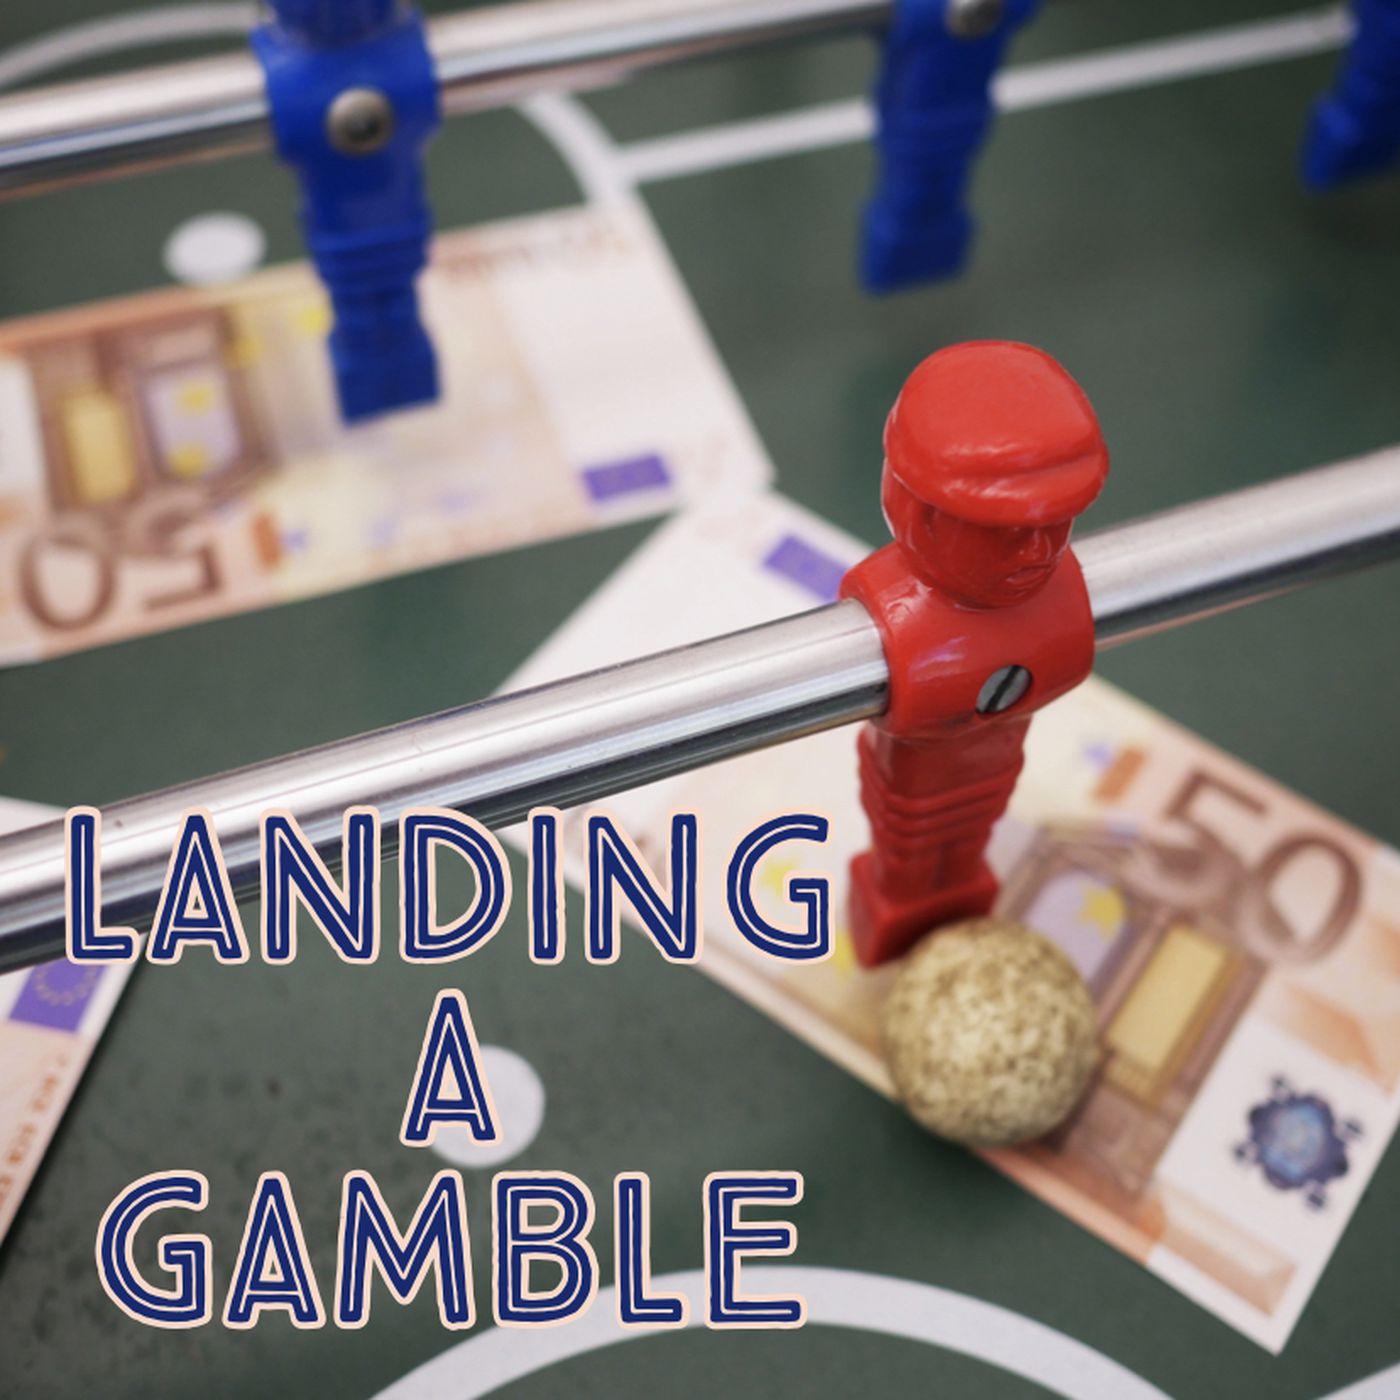 Landing a Gamble